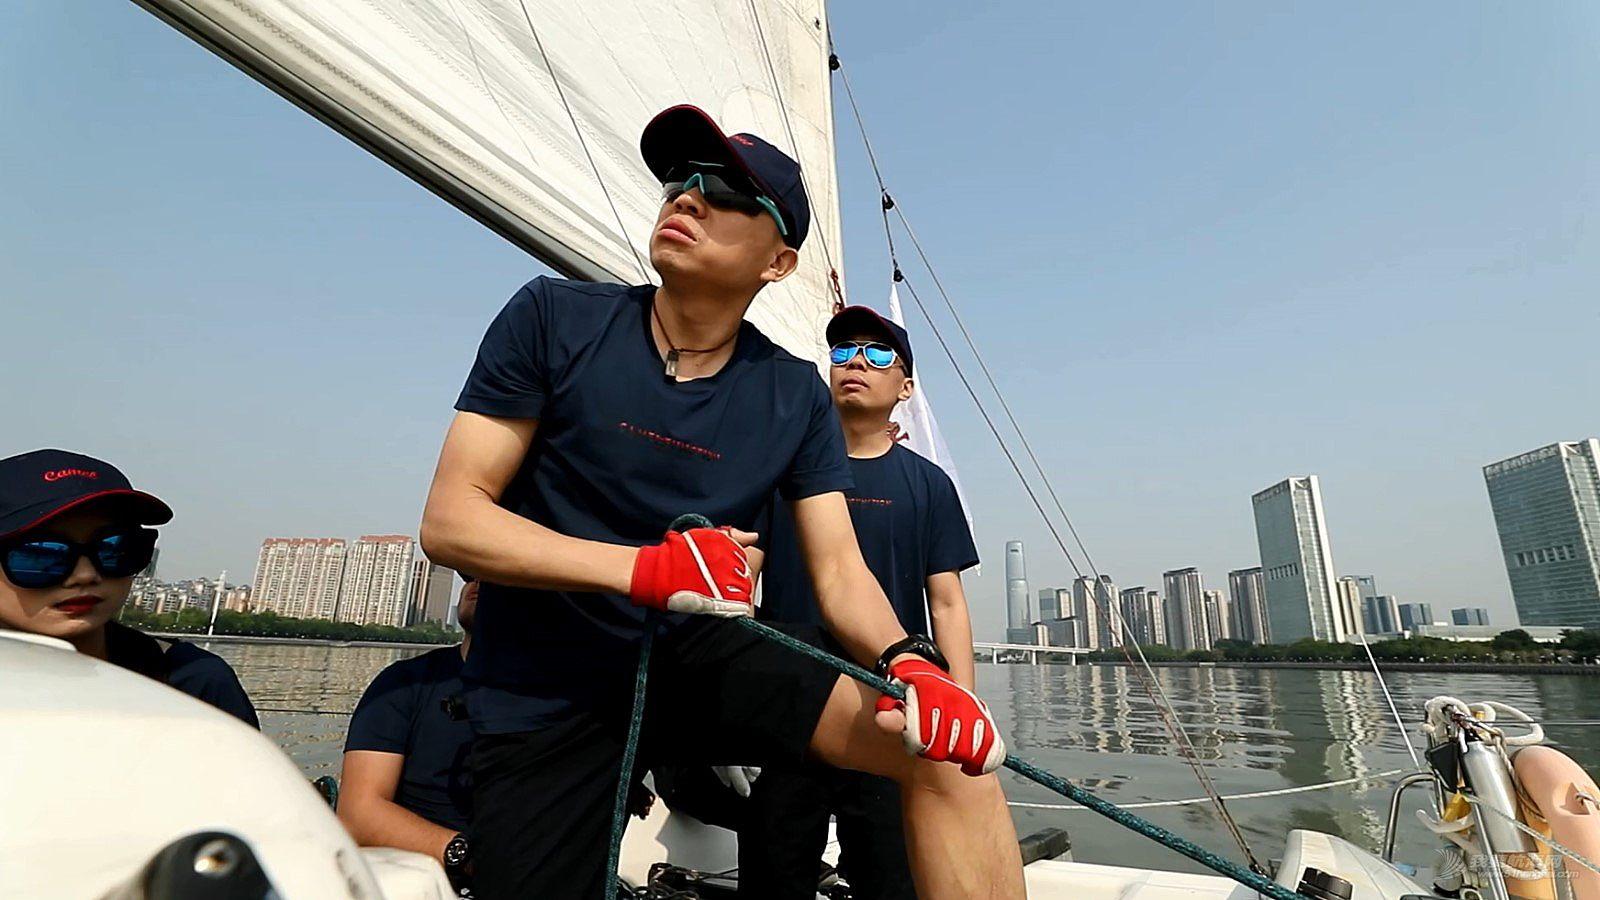 广州地区,帆船休闲运动约伴